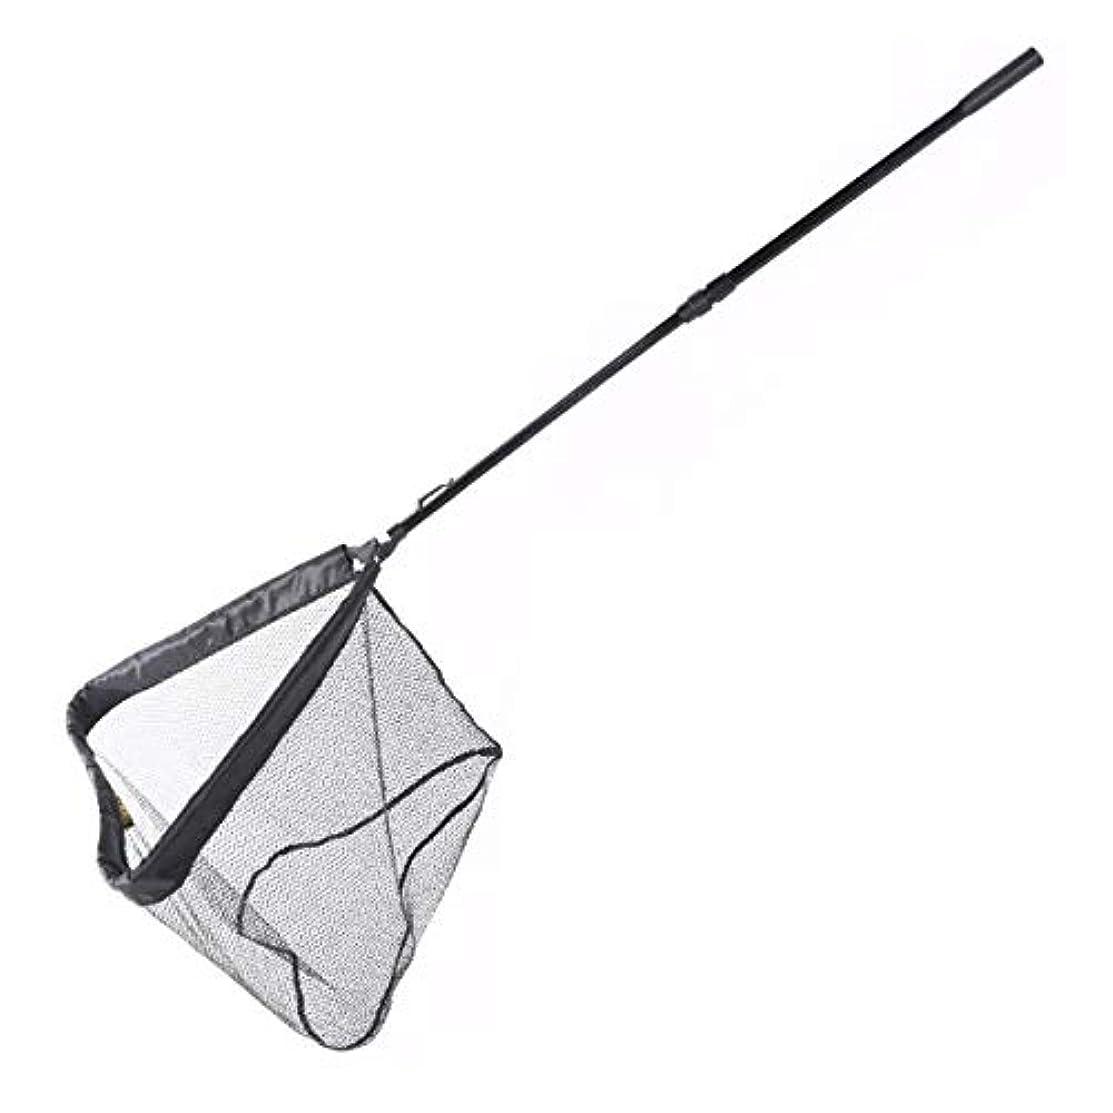 隙間うま超えるランディングネット タモ網 ラバー ネットタイプ 軽量 アルミ 210cmまで伸縮 ワンタッチ 折りたたみ 玉網